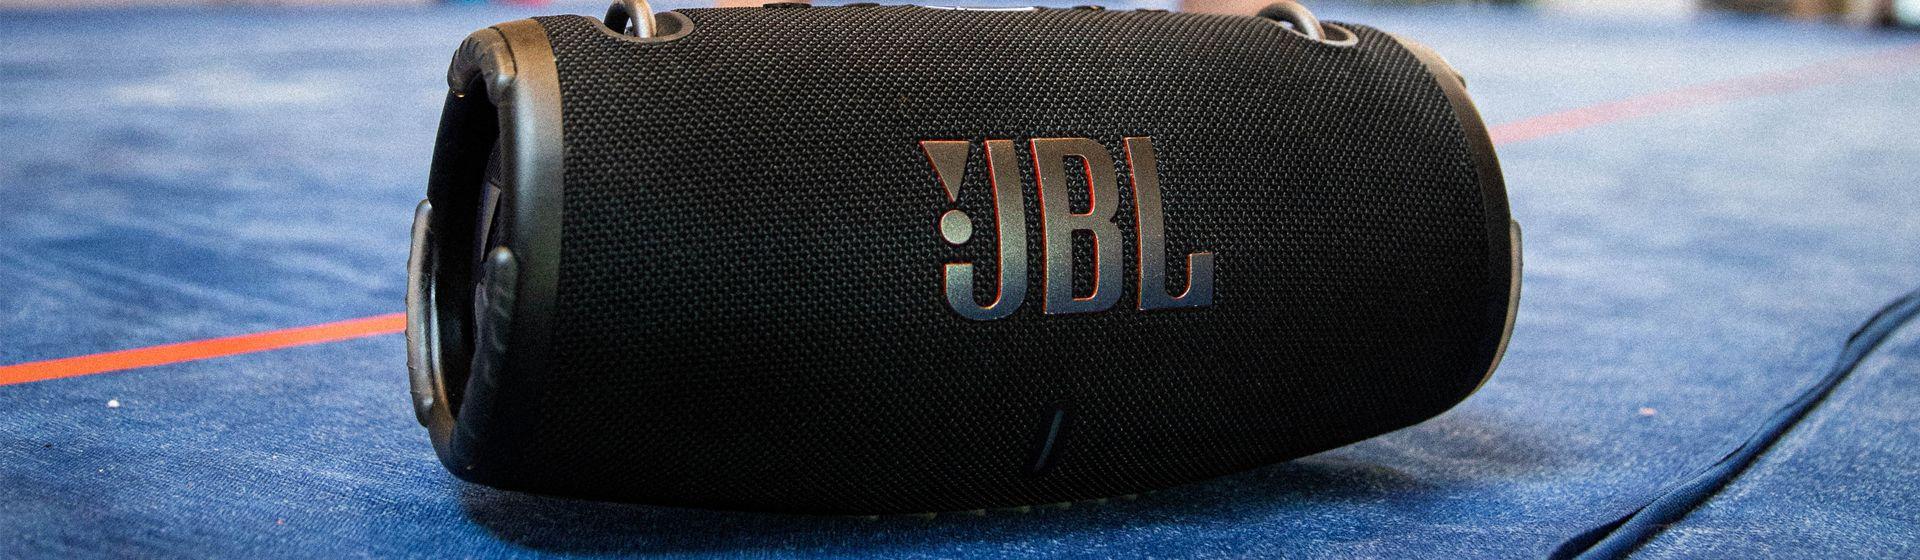 JBL Xtreme 3 é lançada no Brasil e promete som poderoso e resistência